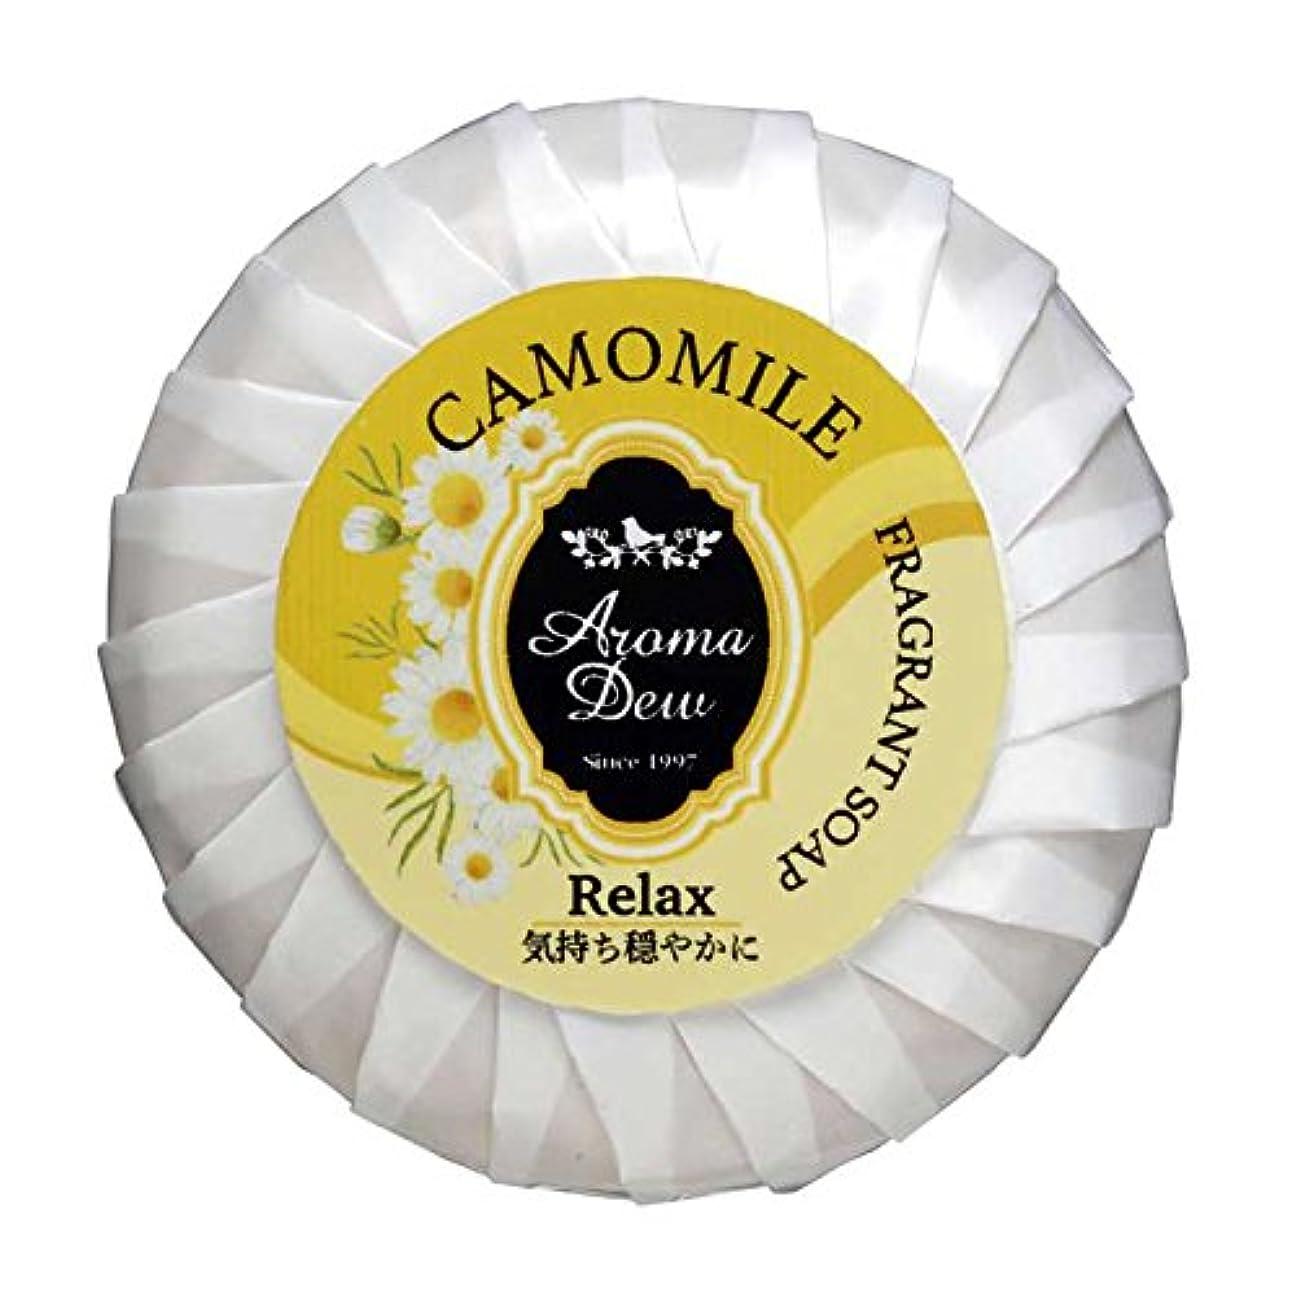 レンド願う胴体アロマデュウ フレグラントソープ カモミールの香り 100g